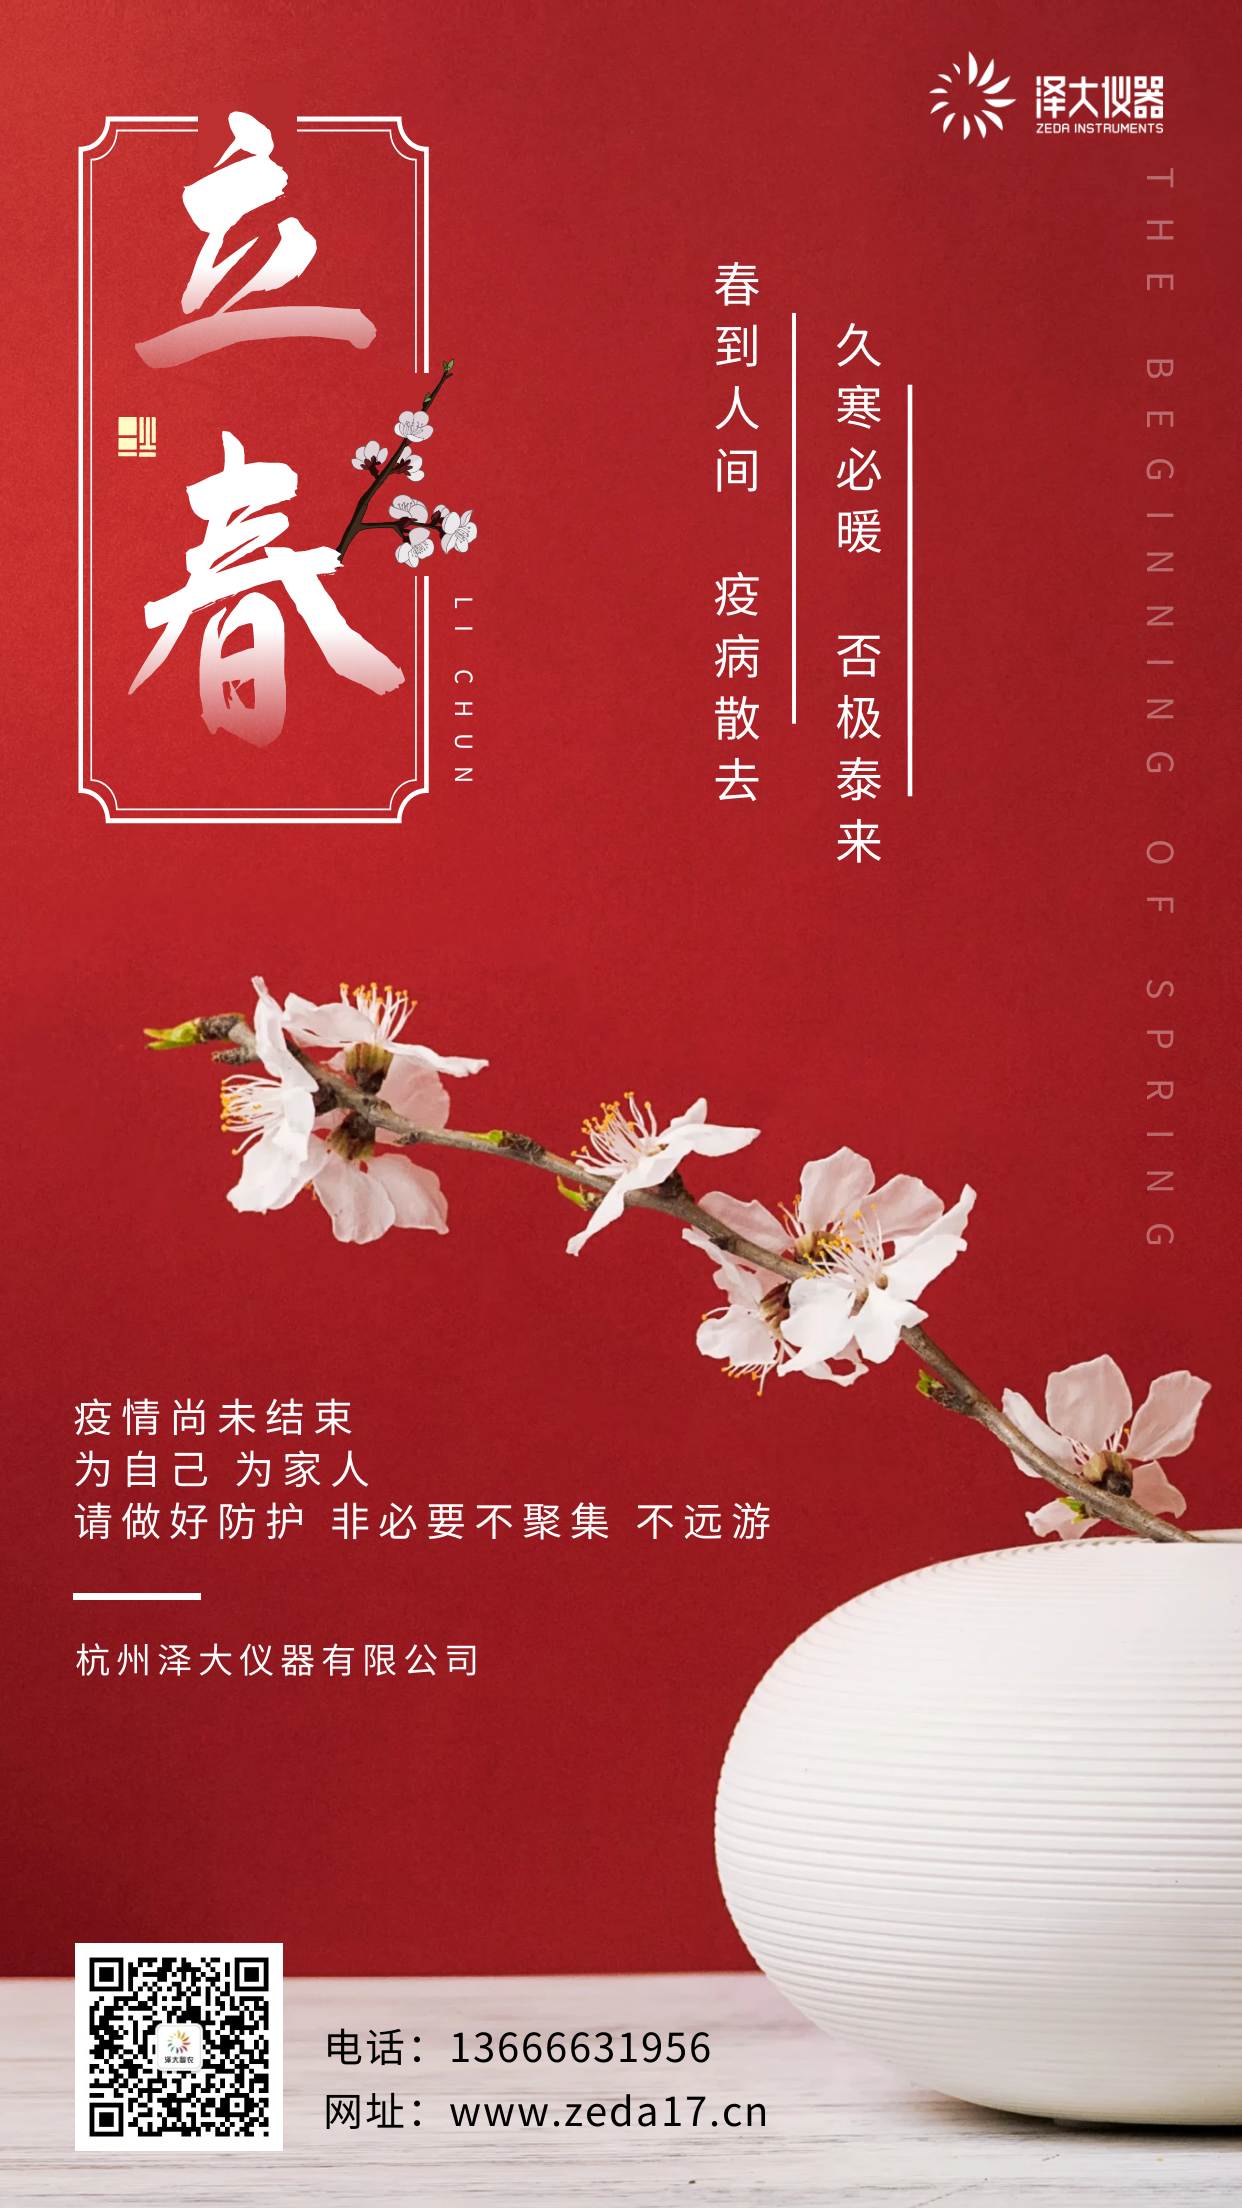 立春-智農.png